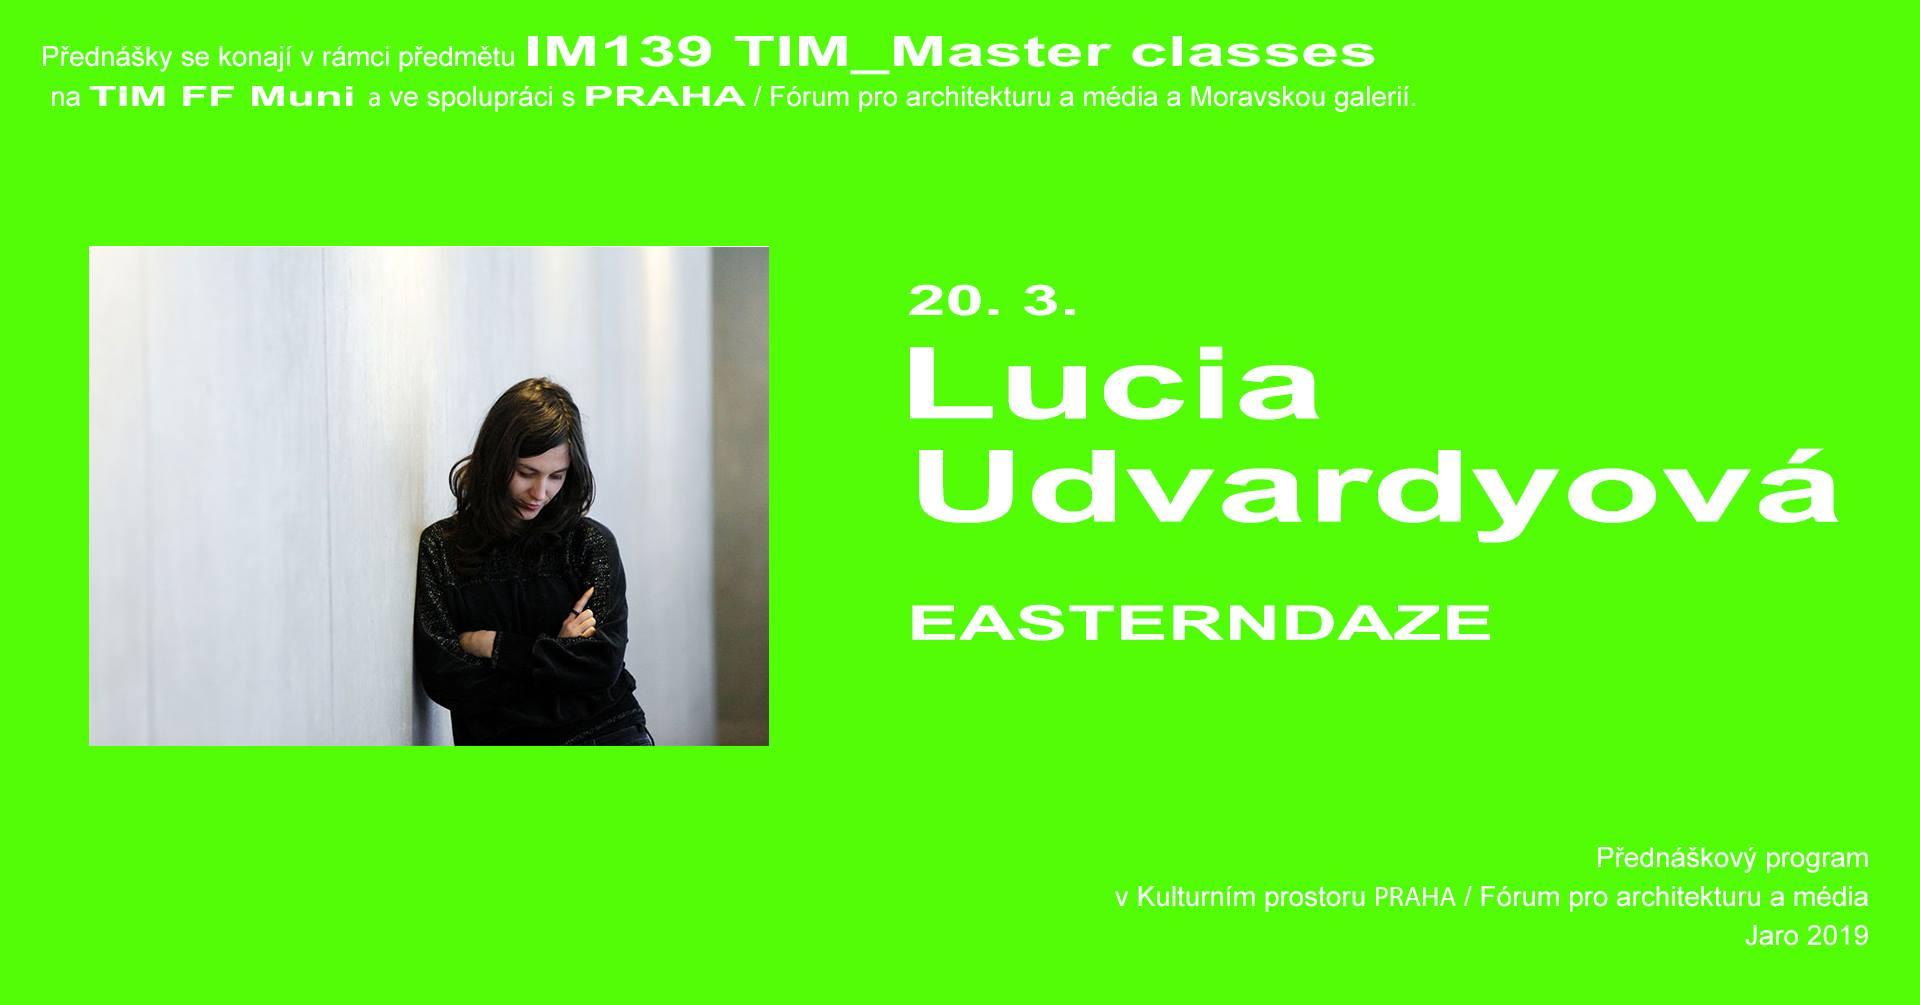 ST / 20.3. / 19.00 / TIM Master class: Lucia Udvardyová – Easterndaze / přednáška, diskuse